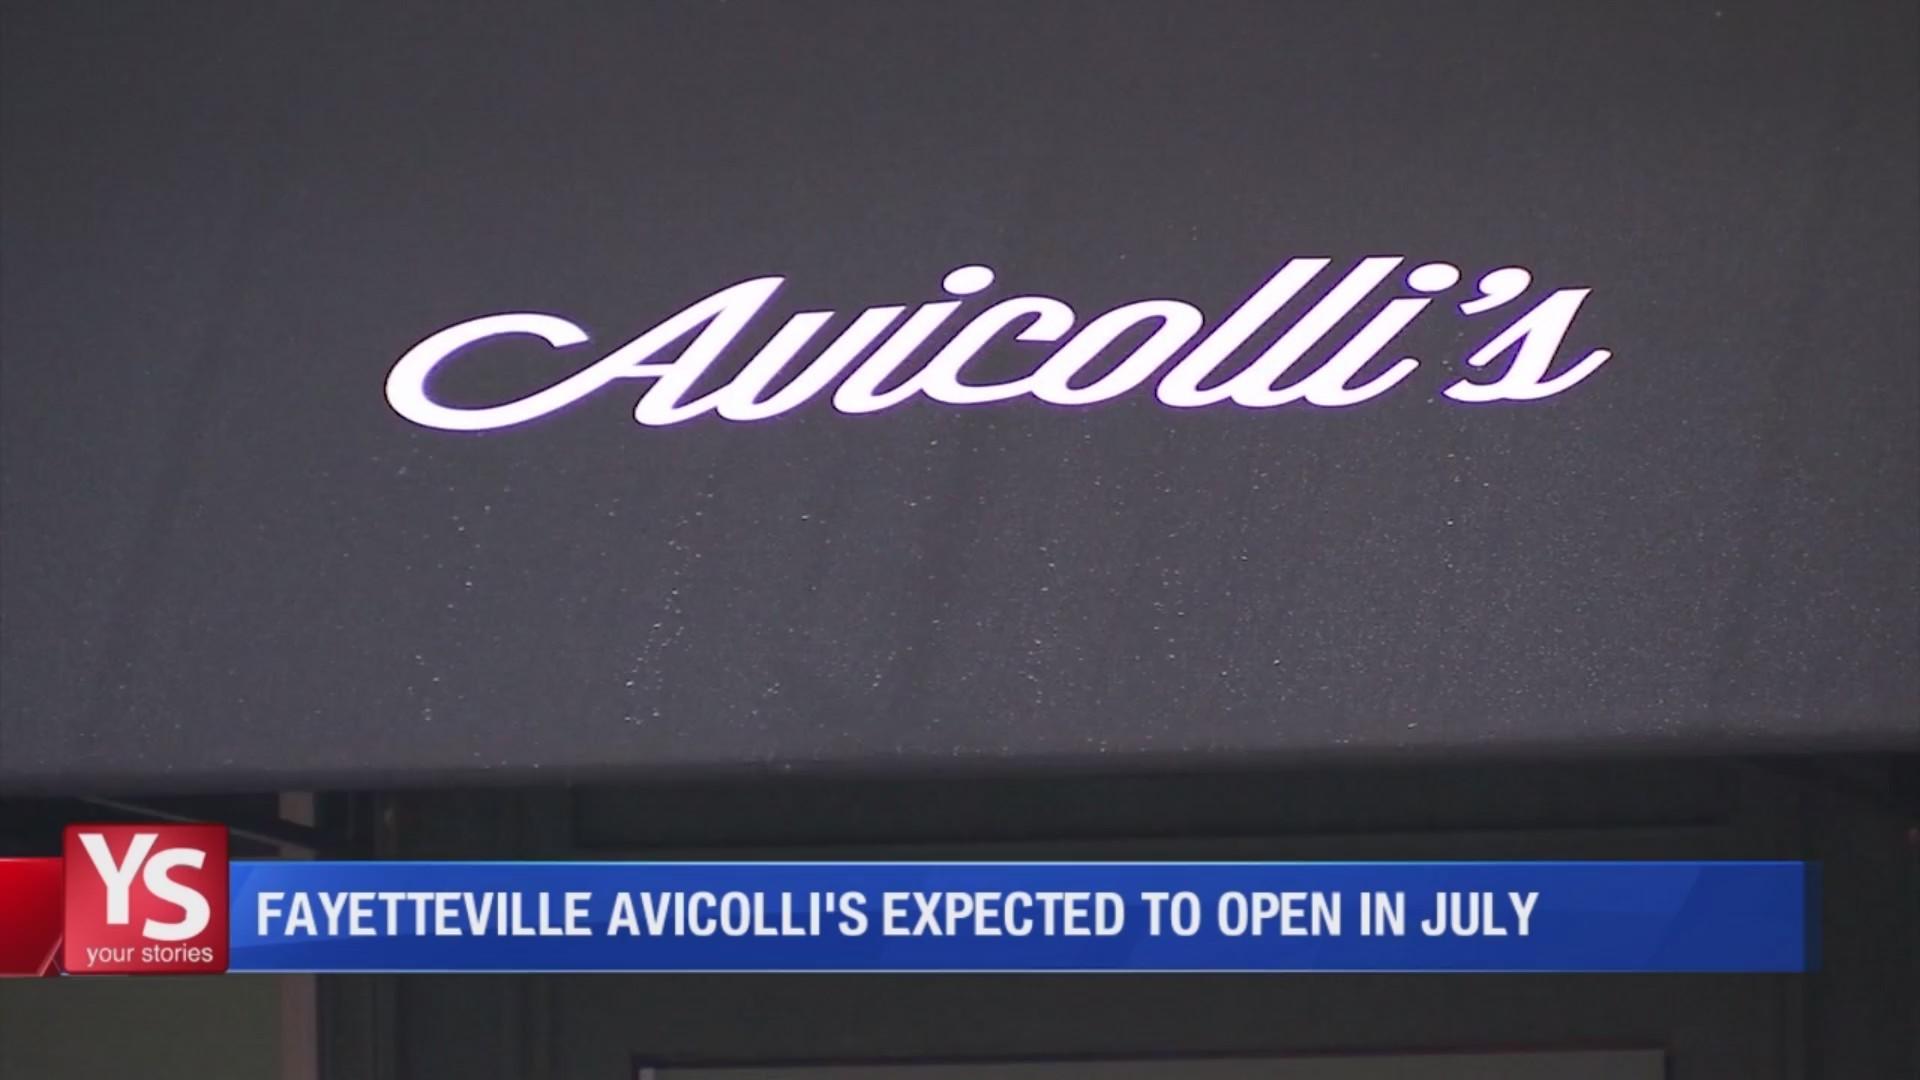 Fayetteville_Avicolli___s_to_open_in_Jul_0_20190610215019